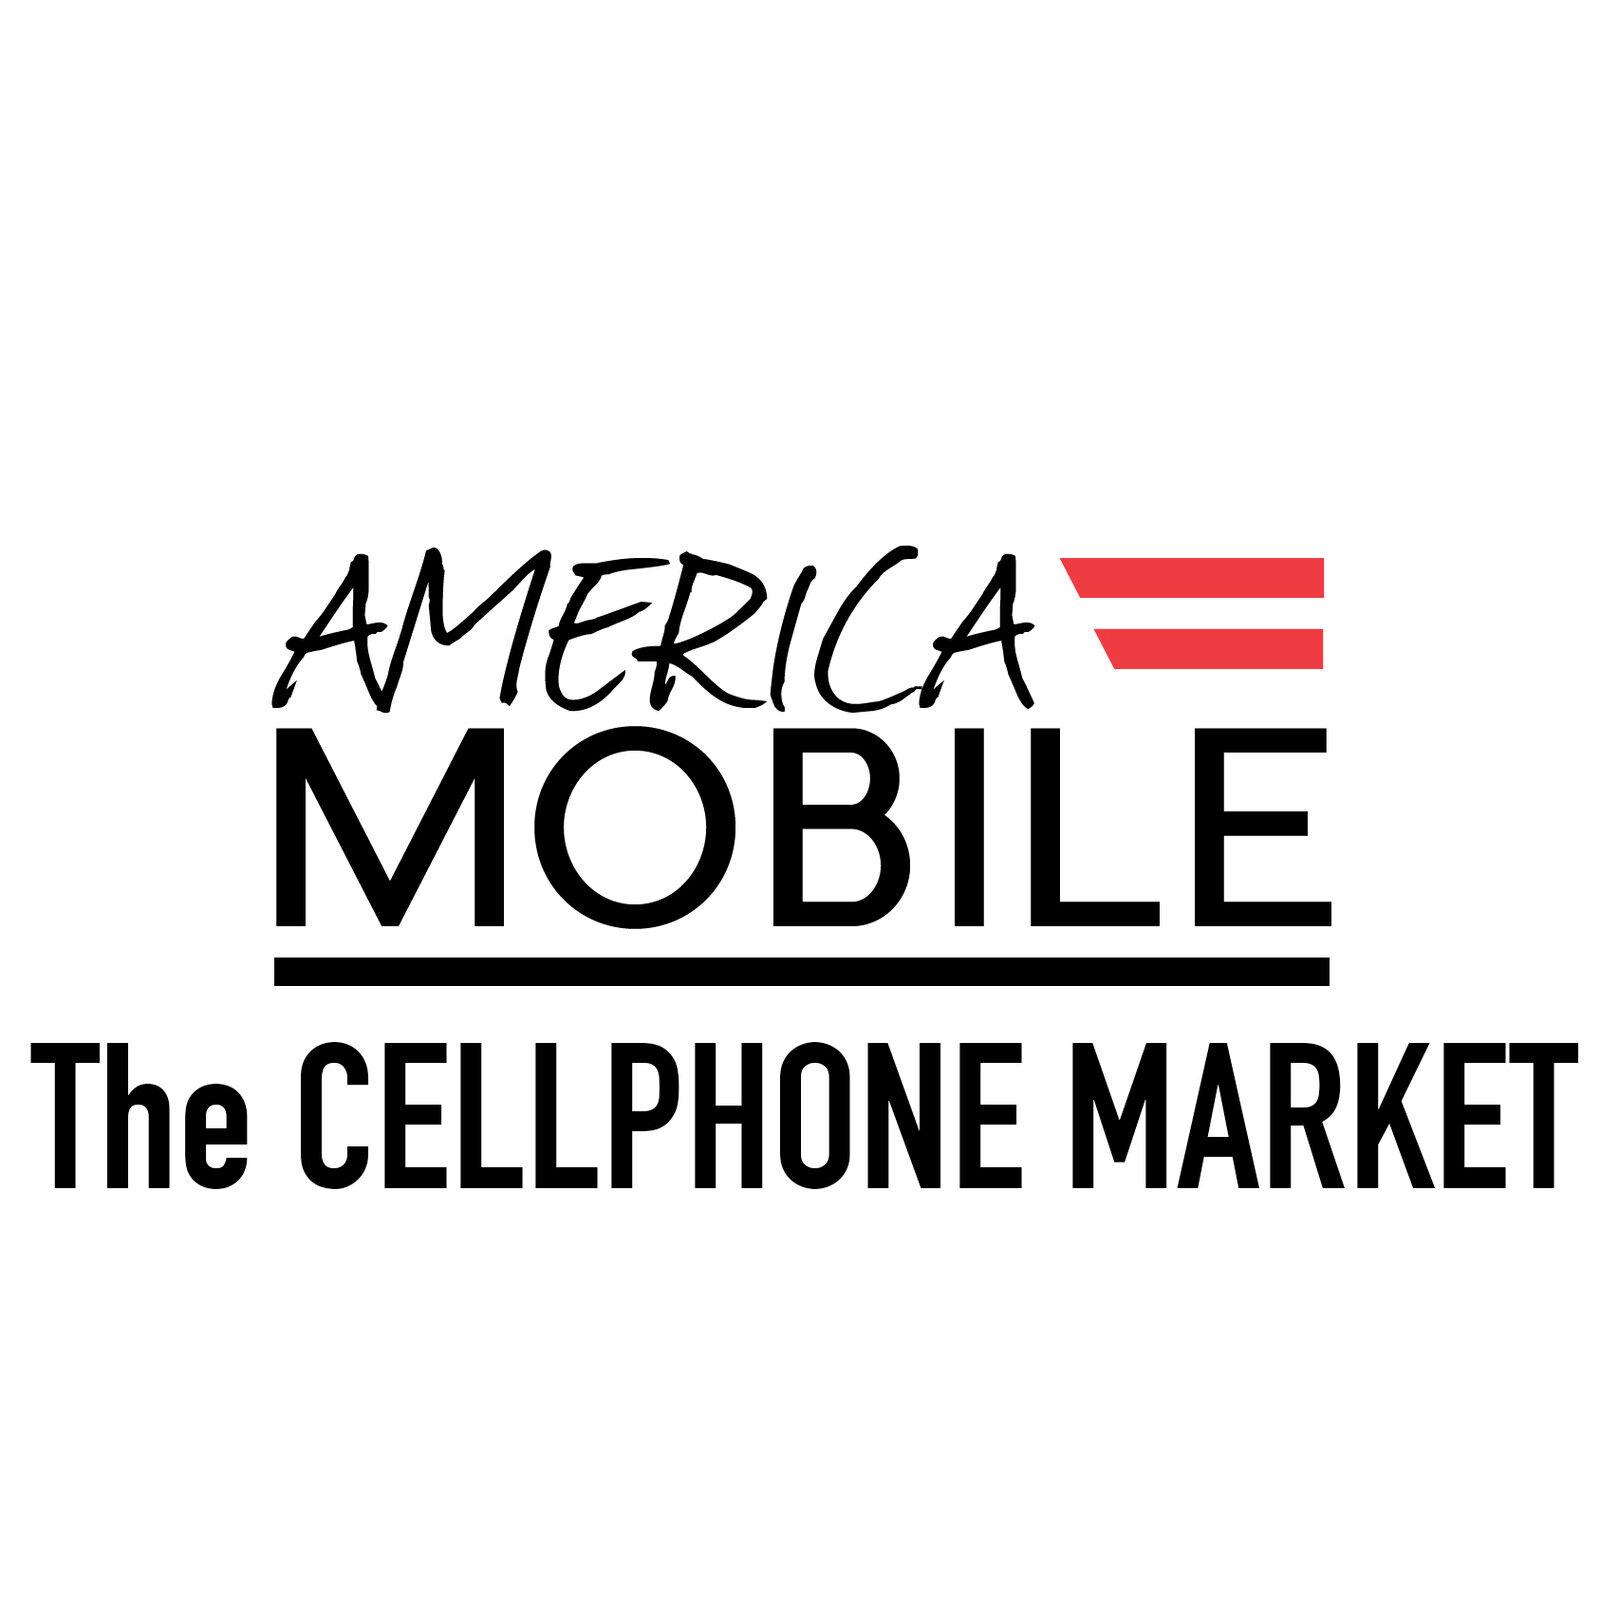 America Mobile